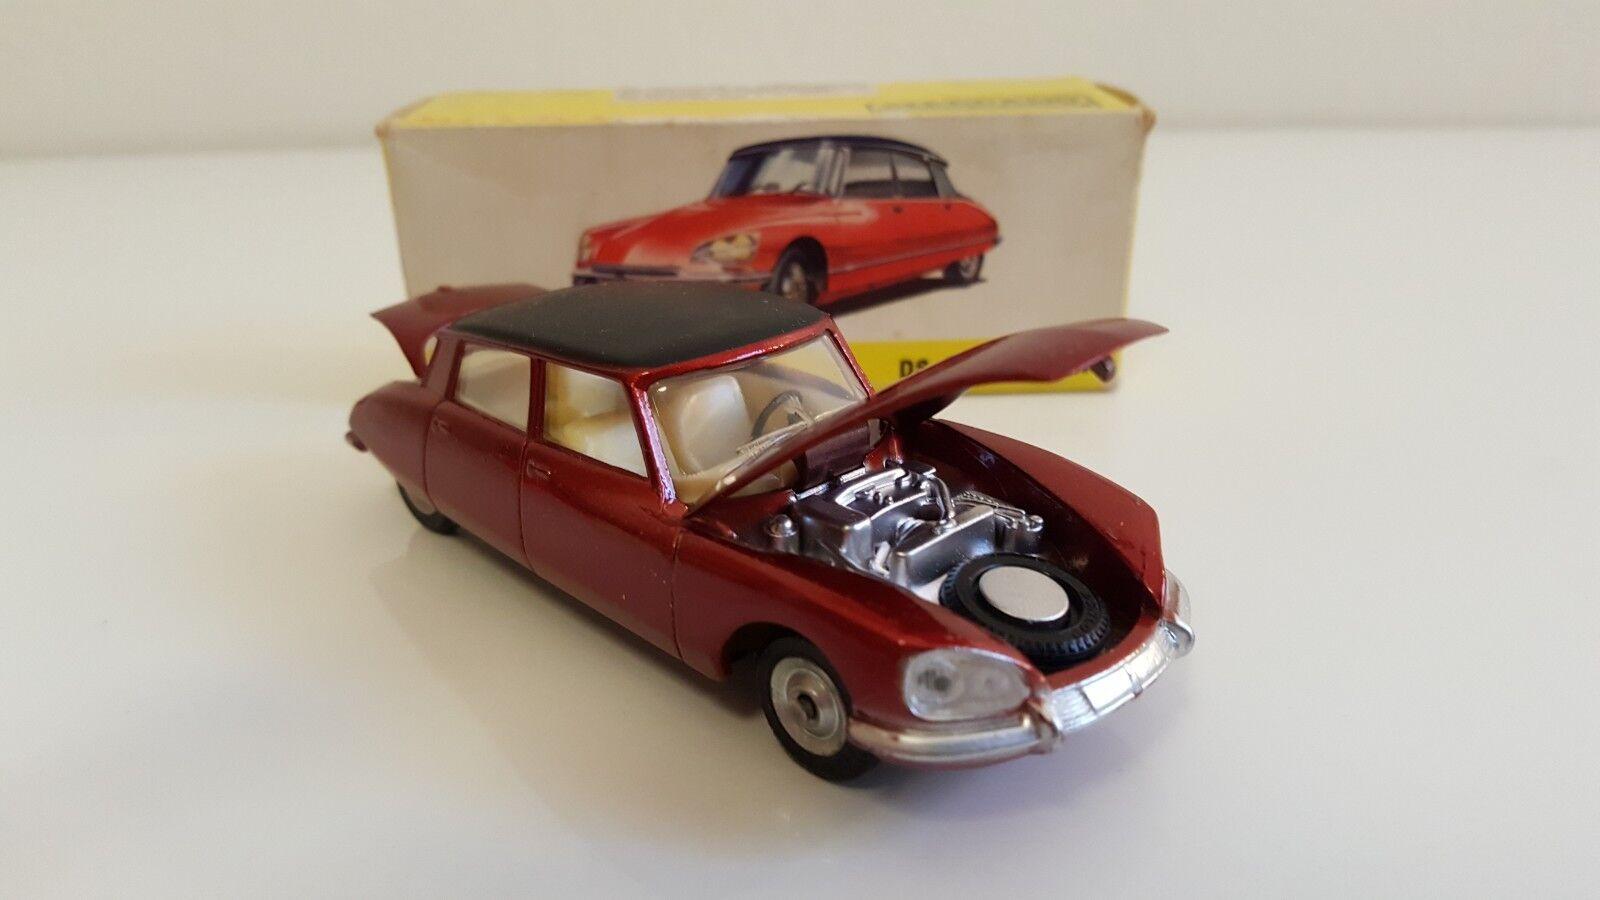 Dinky Toys - 530 - Citroën DS 23 en boîte d'origine (DTSpain, pas Atlas)